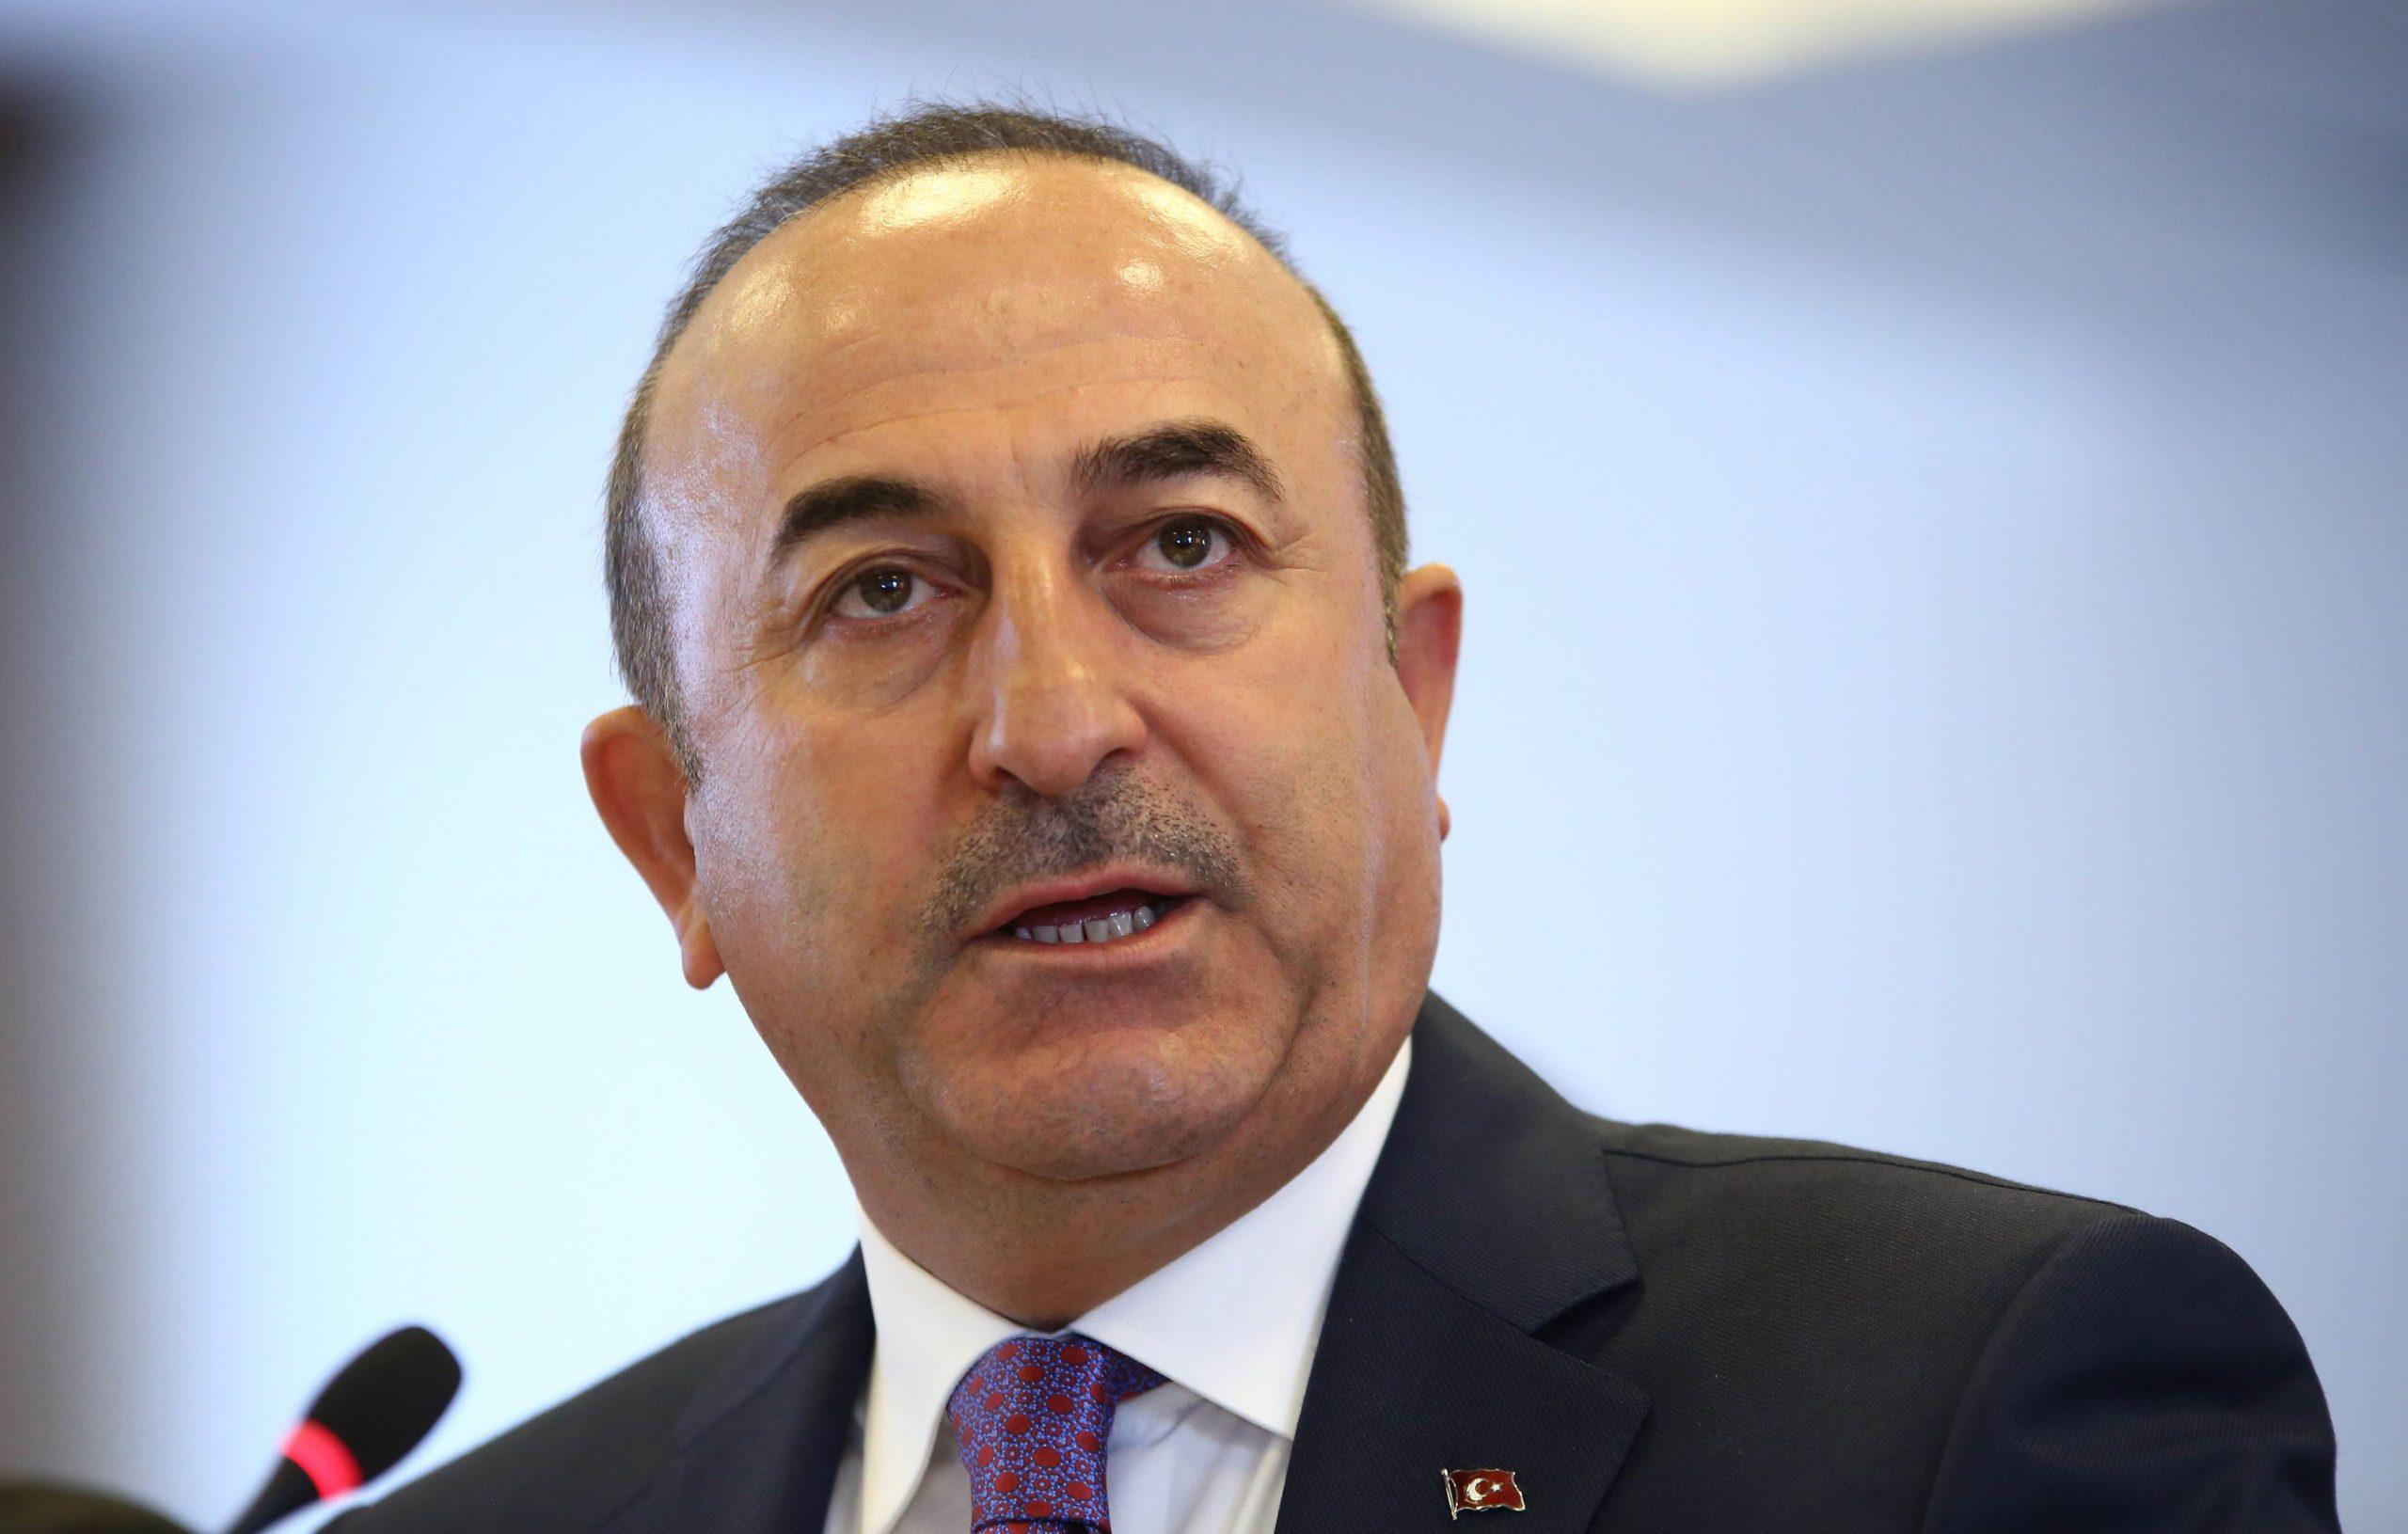 """""""Mangel an gutem Willen"""": Türkei enttäuscht über EU-Gipfelbeschlüsse"""